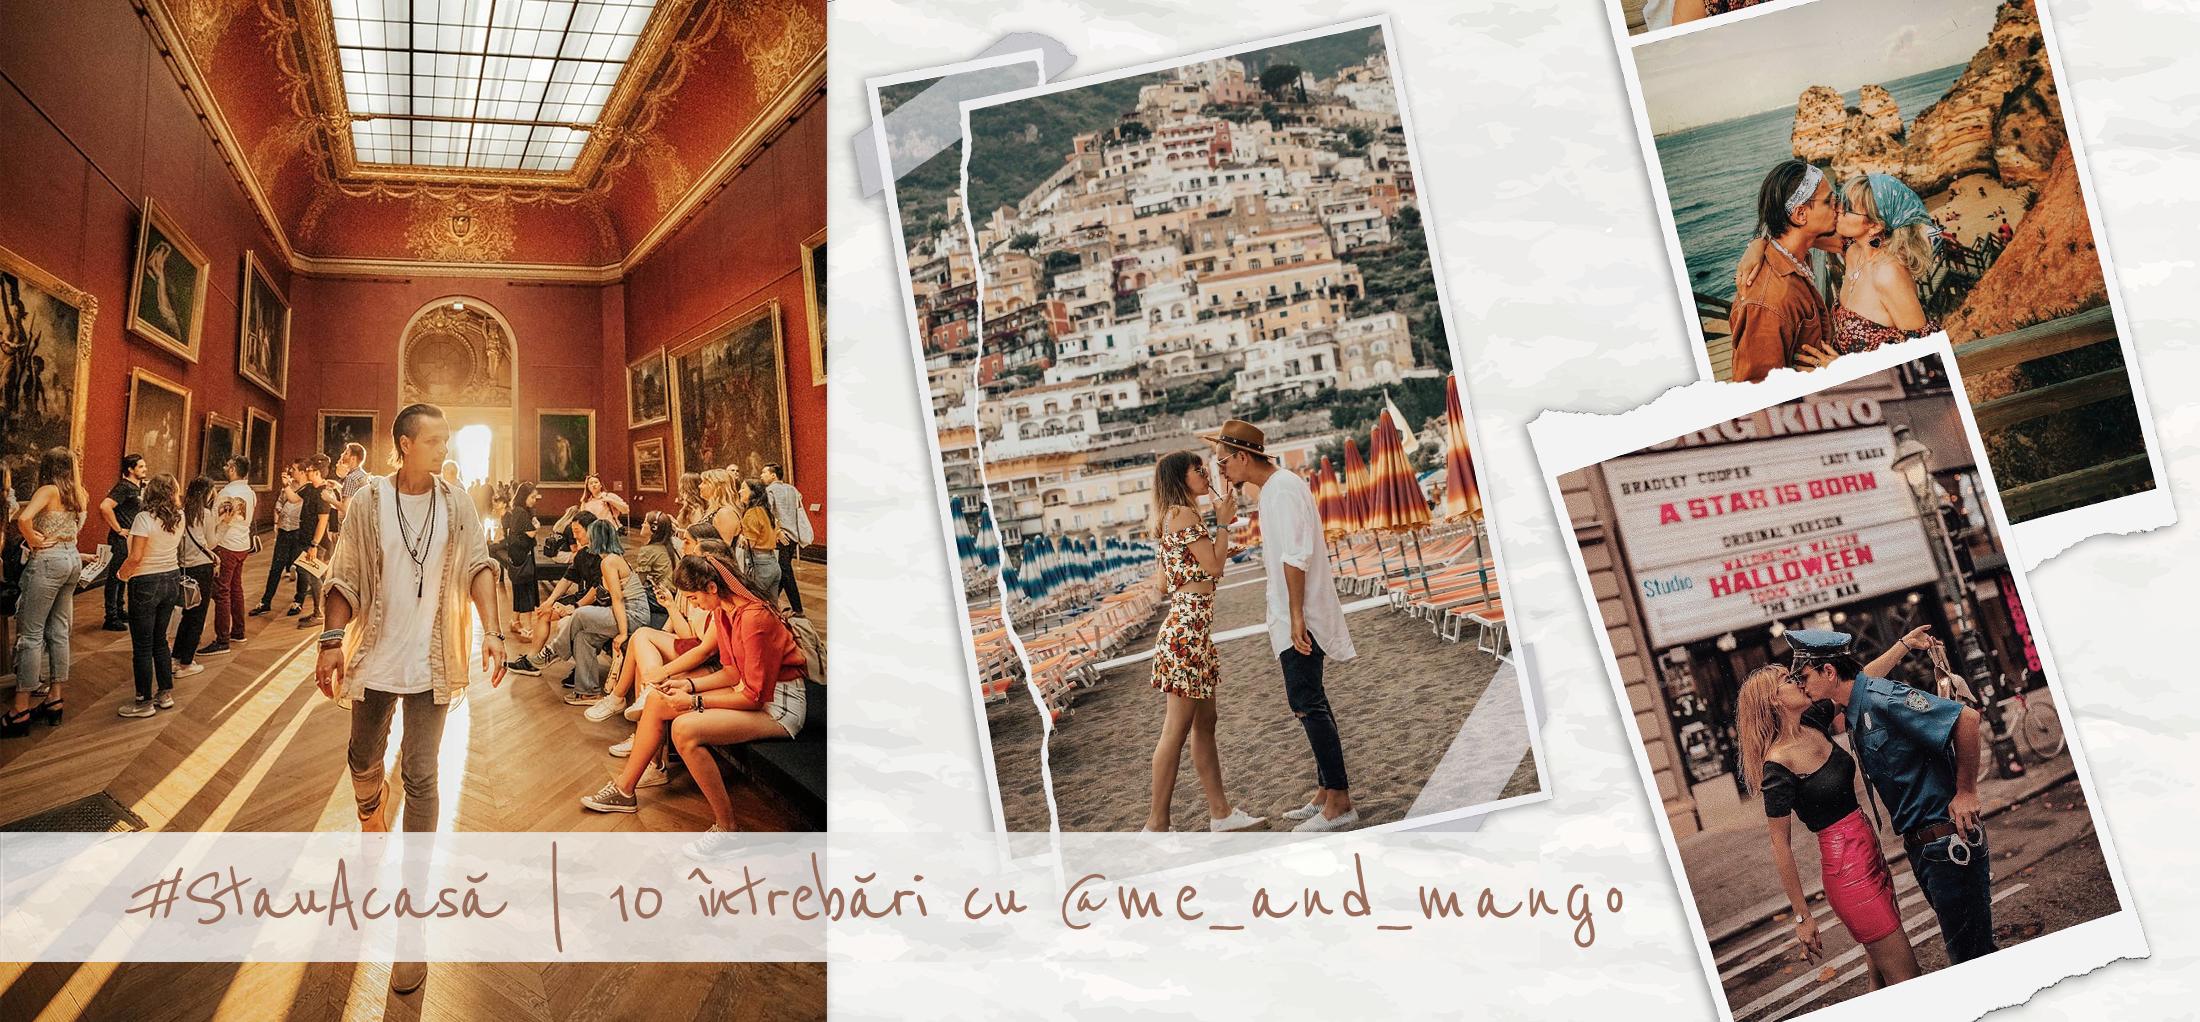 #StauAcasă | 10 întrebări cu @me_and_mango